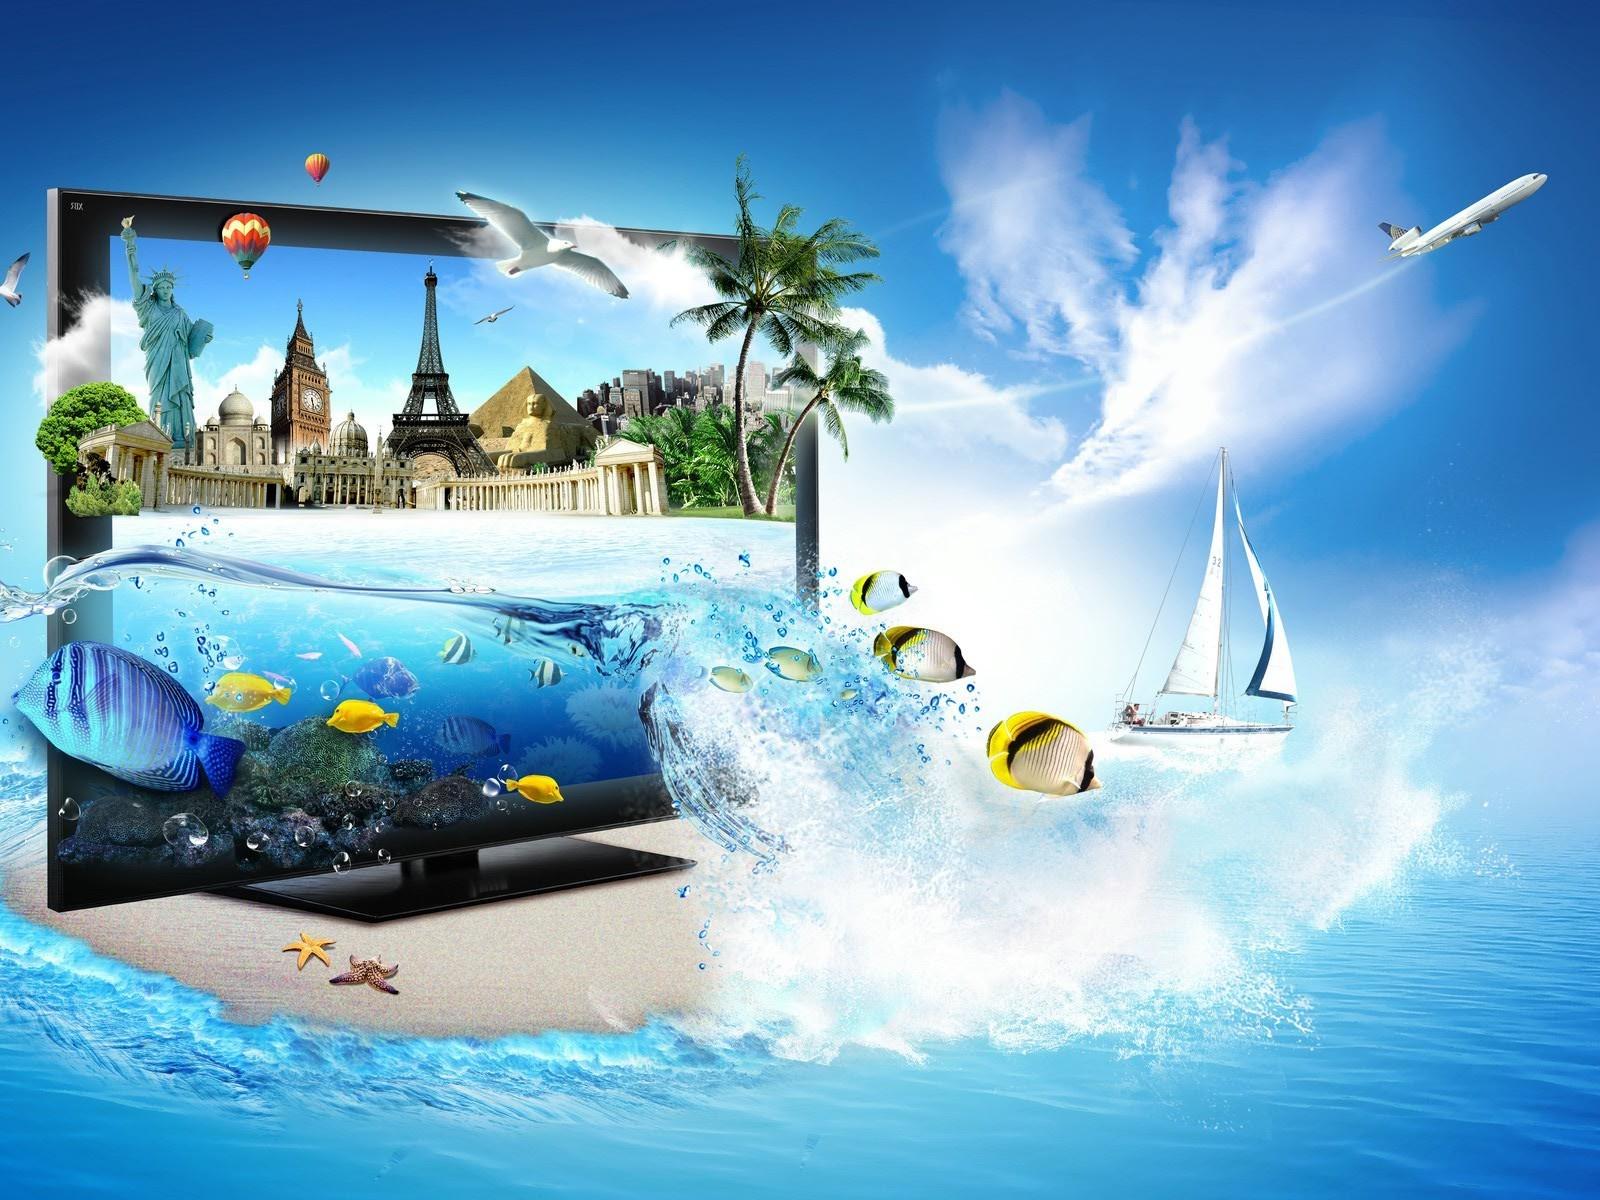 Марта размеры, открытка мечты о море